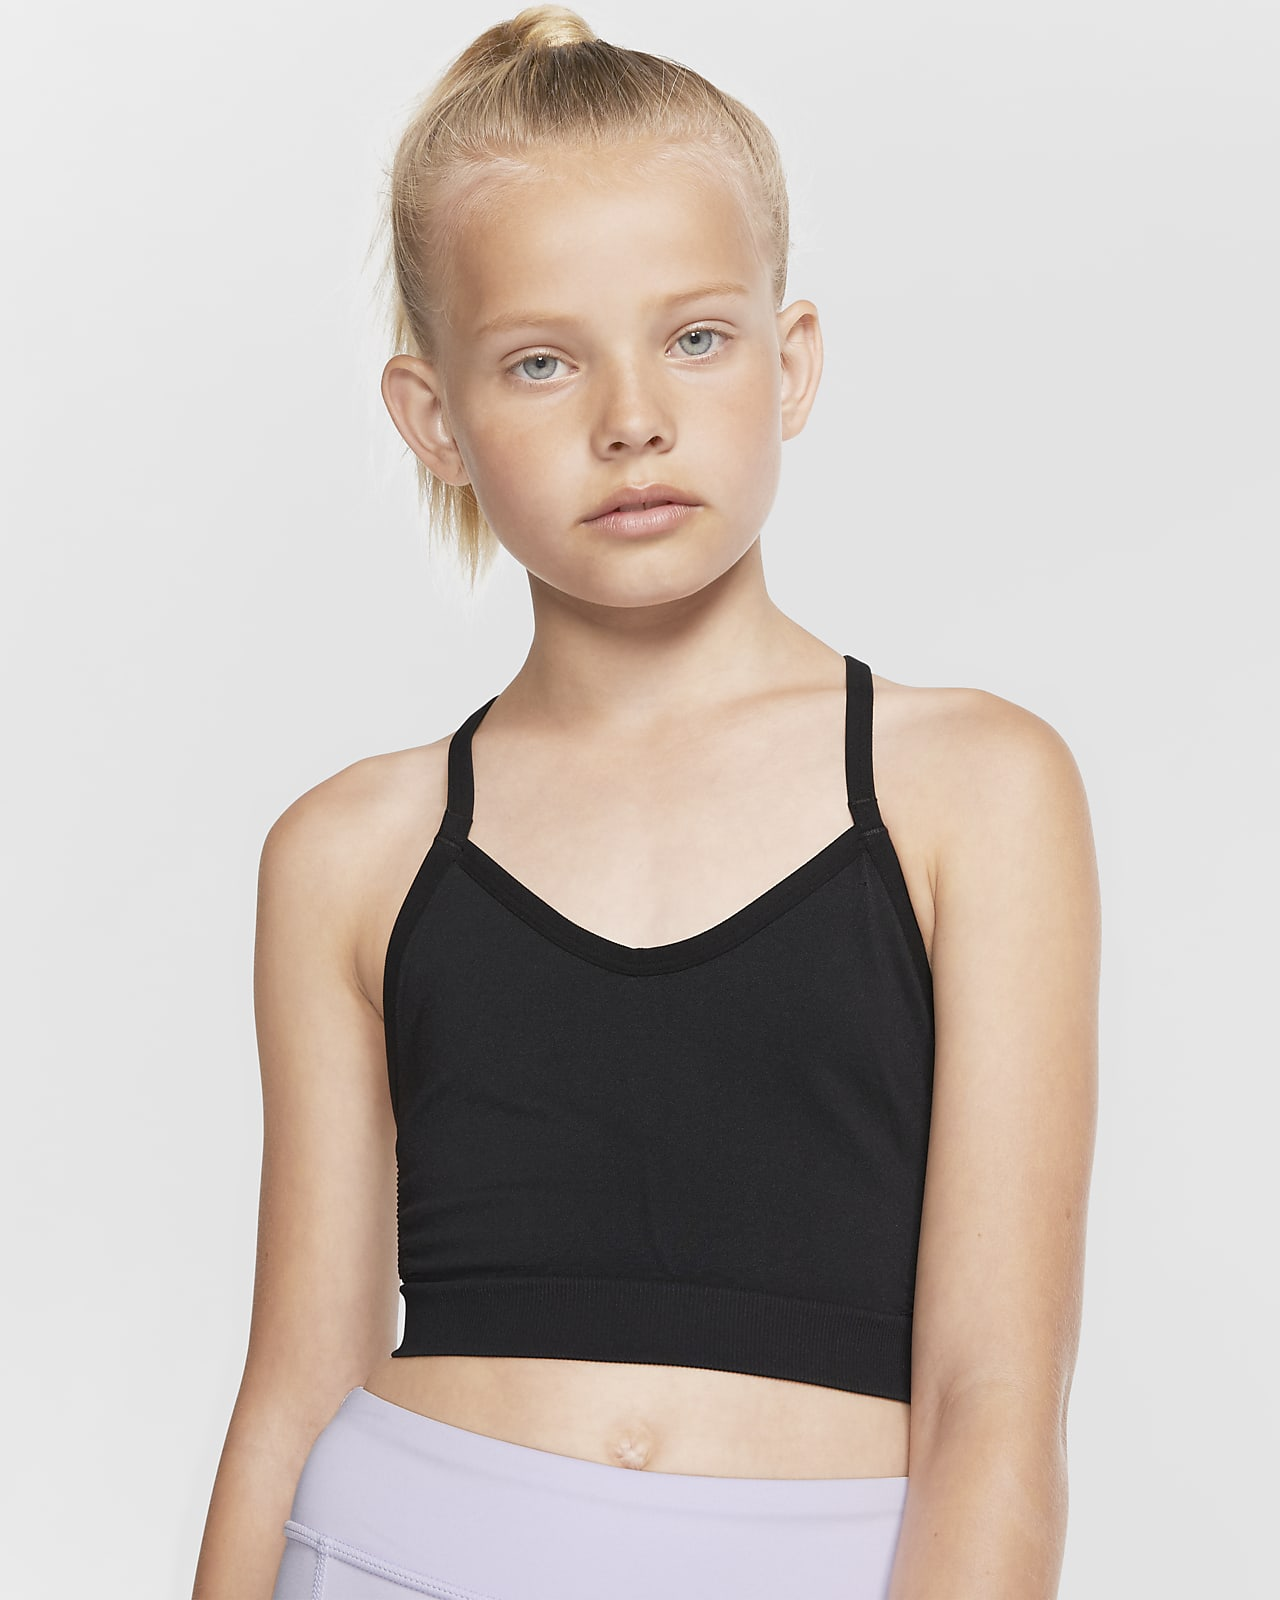 Nike Dri-FIT Girls' Sports Bra